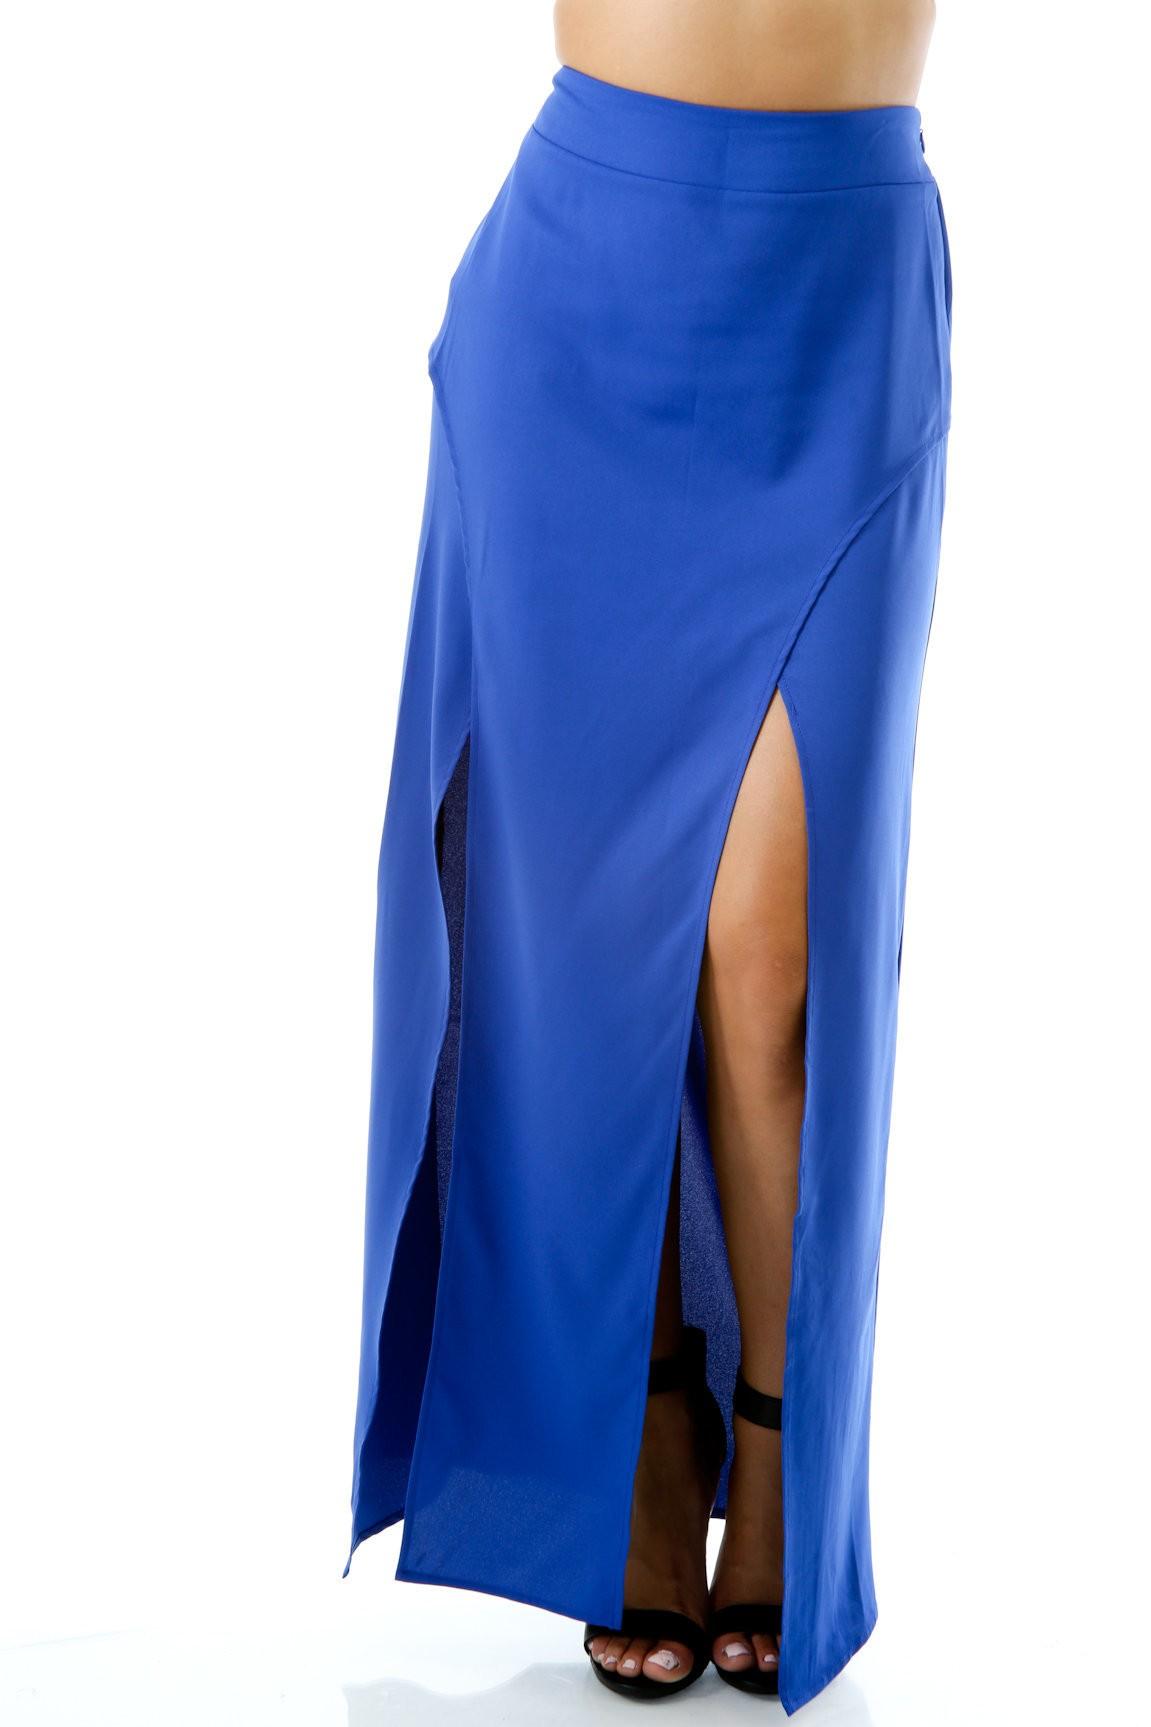 Center Cut Skirt